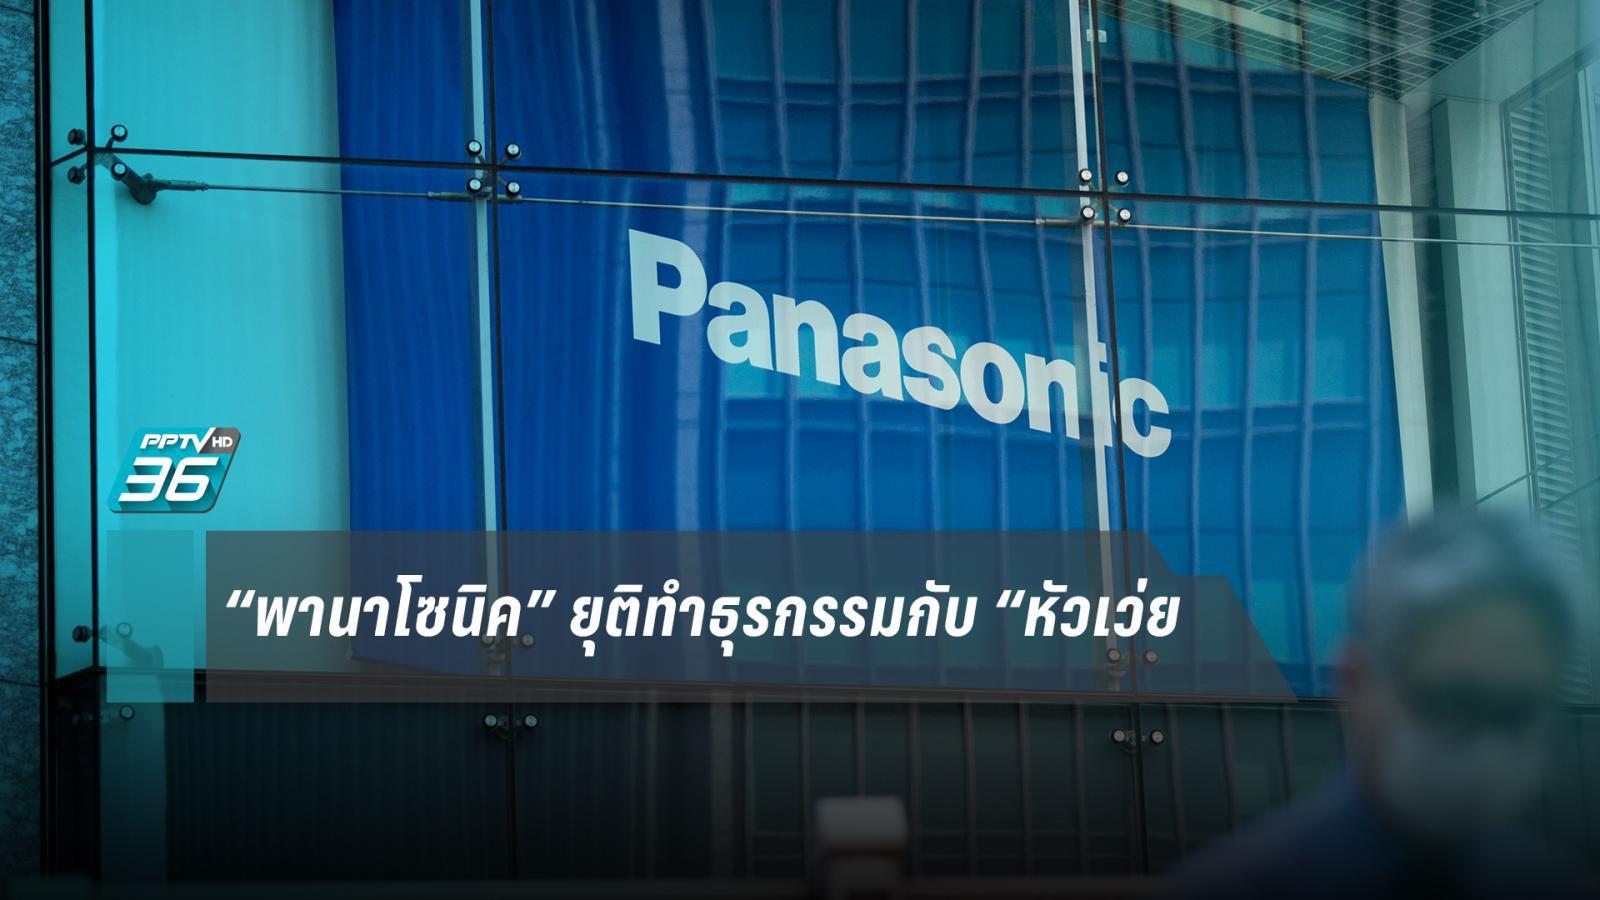 """""""พานาโซนิค""""บริษัทอิเล็กทรอนิกส์ยักษ์ใหญ่ของญี่ปุ่นยุติทำธุรกรรมกับ """"หัวเว่ย"""""""